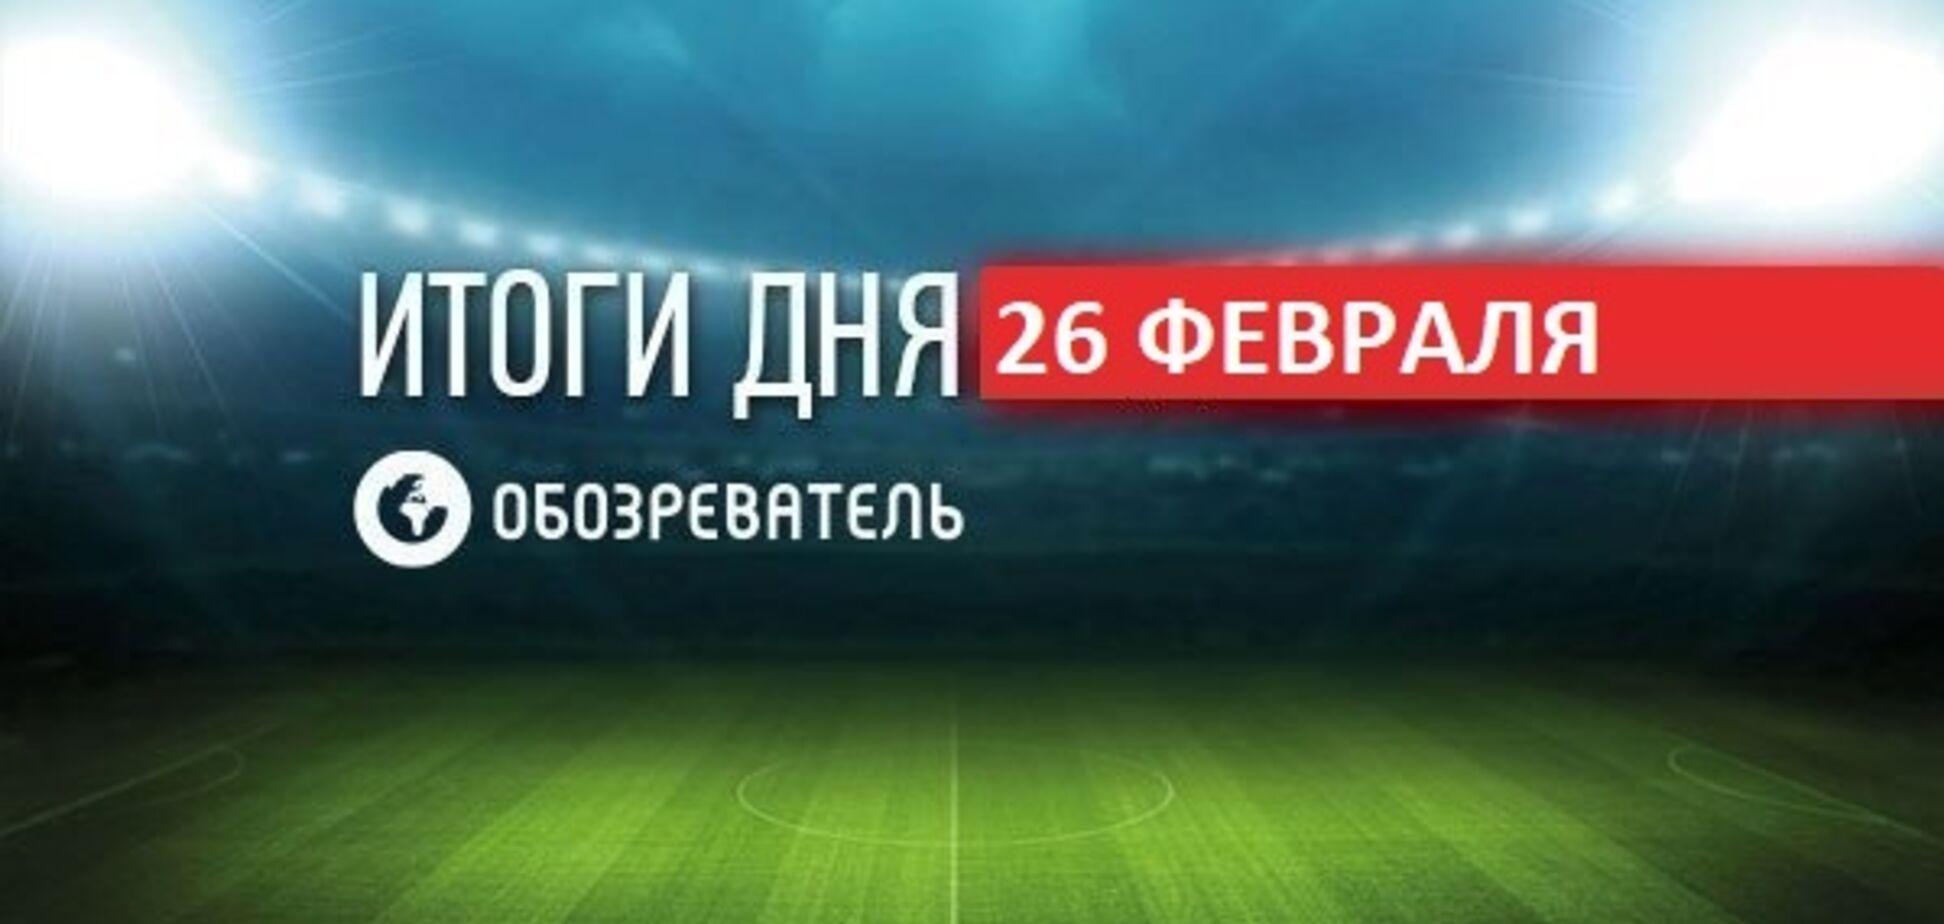 Кличко отреагировал на избиение Панеттьери: спортивные итоги 26 февраля